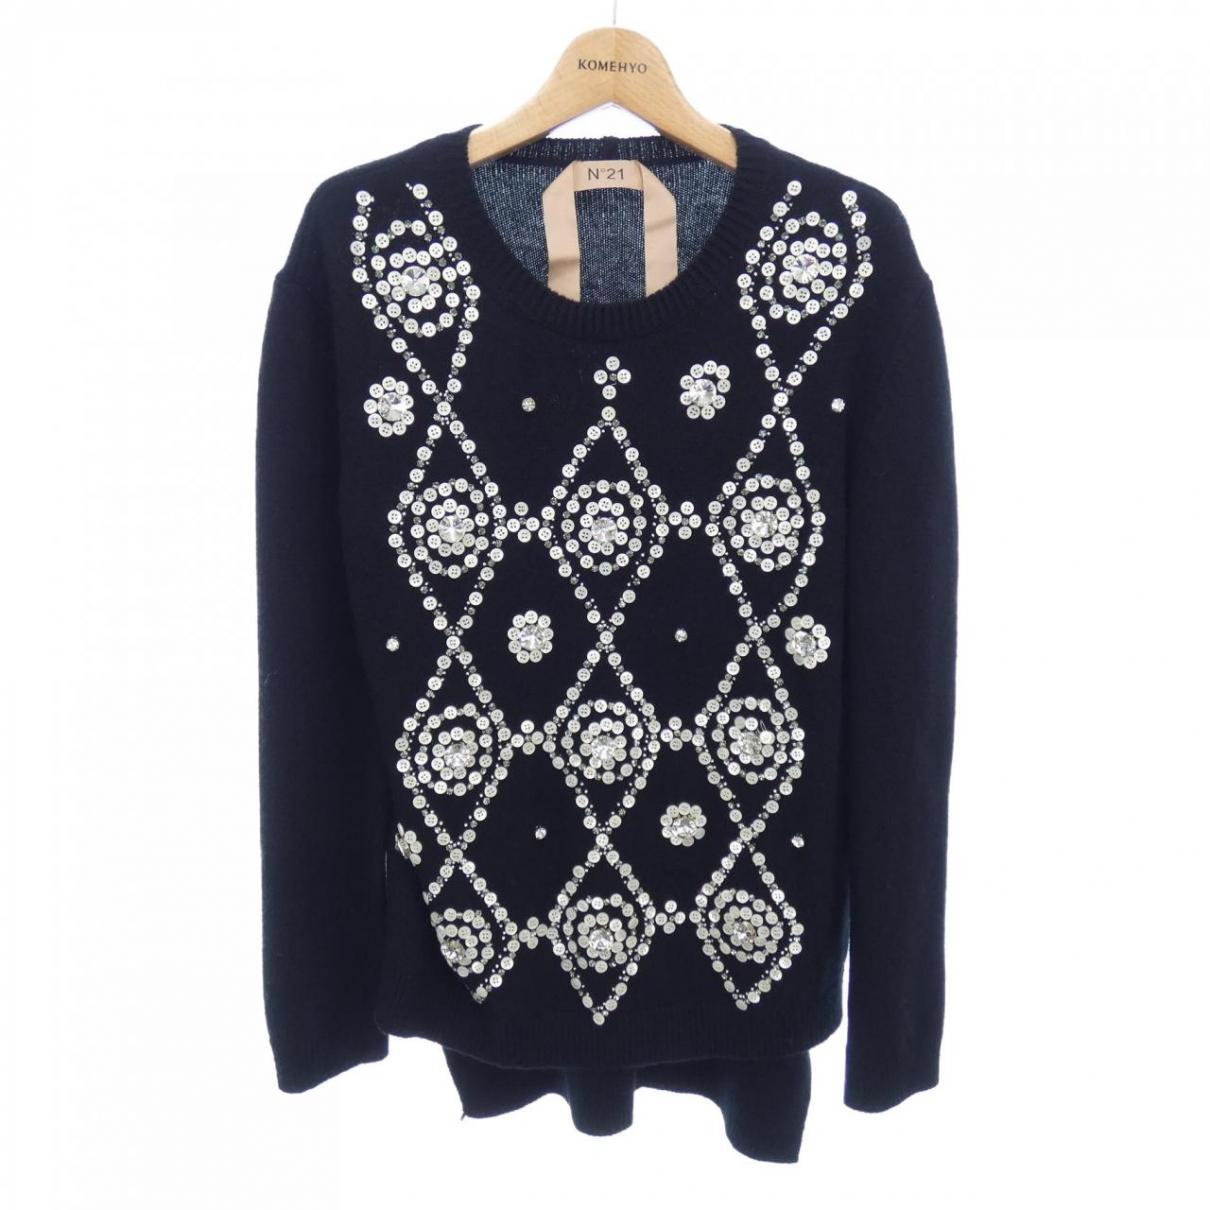 N°21 \N Pullover in  Schwarz Wolle